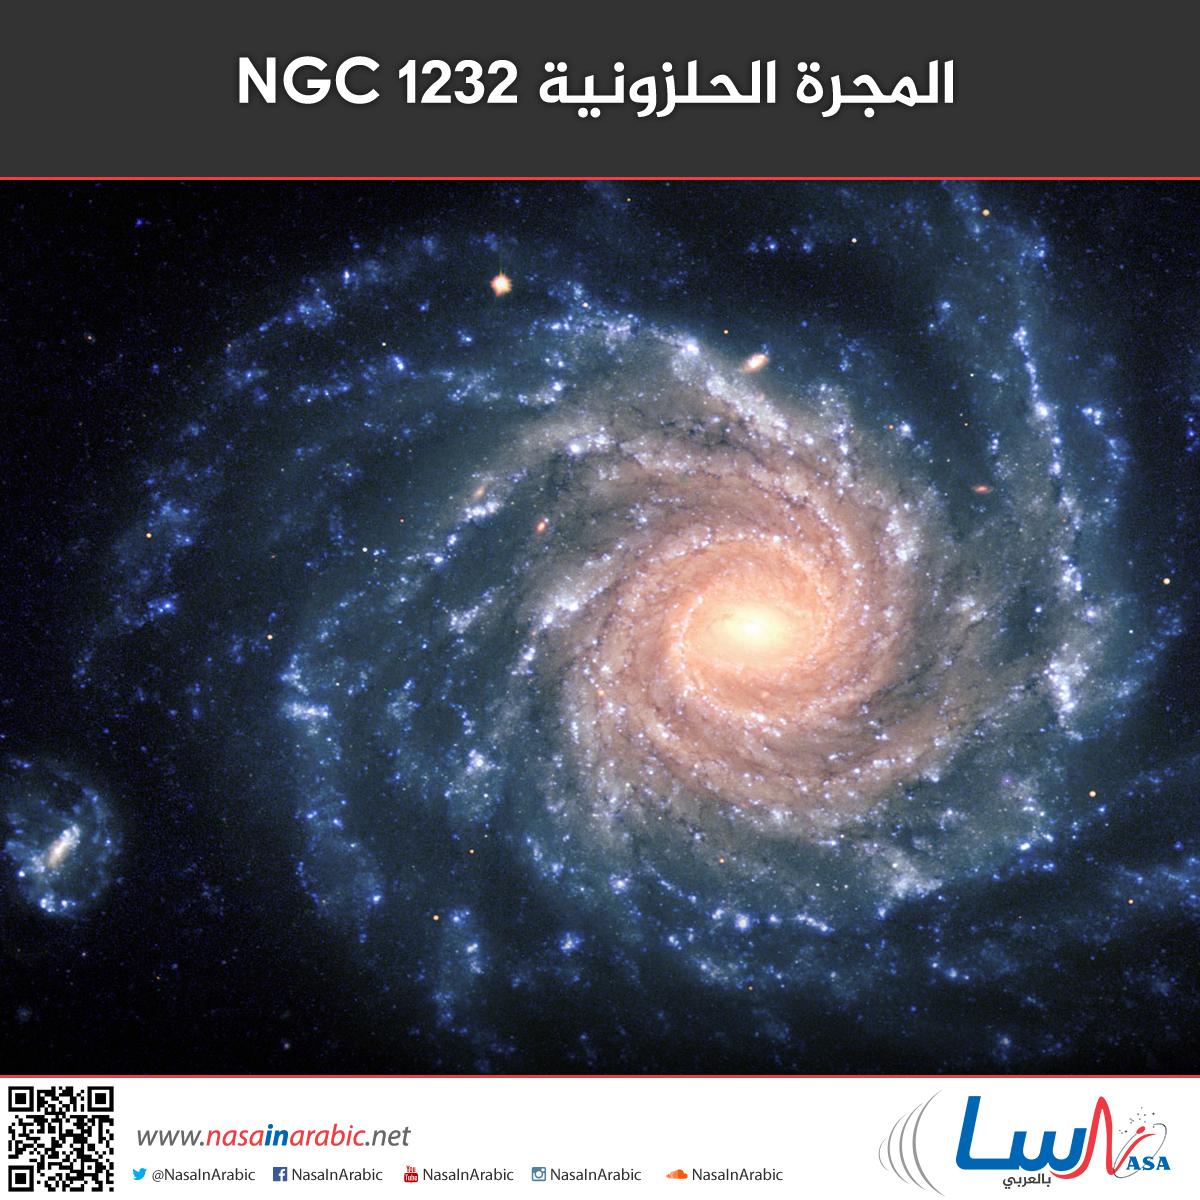 المجرة الحلزونية NGC 1232